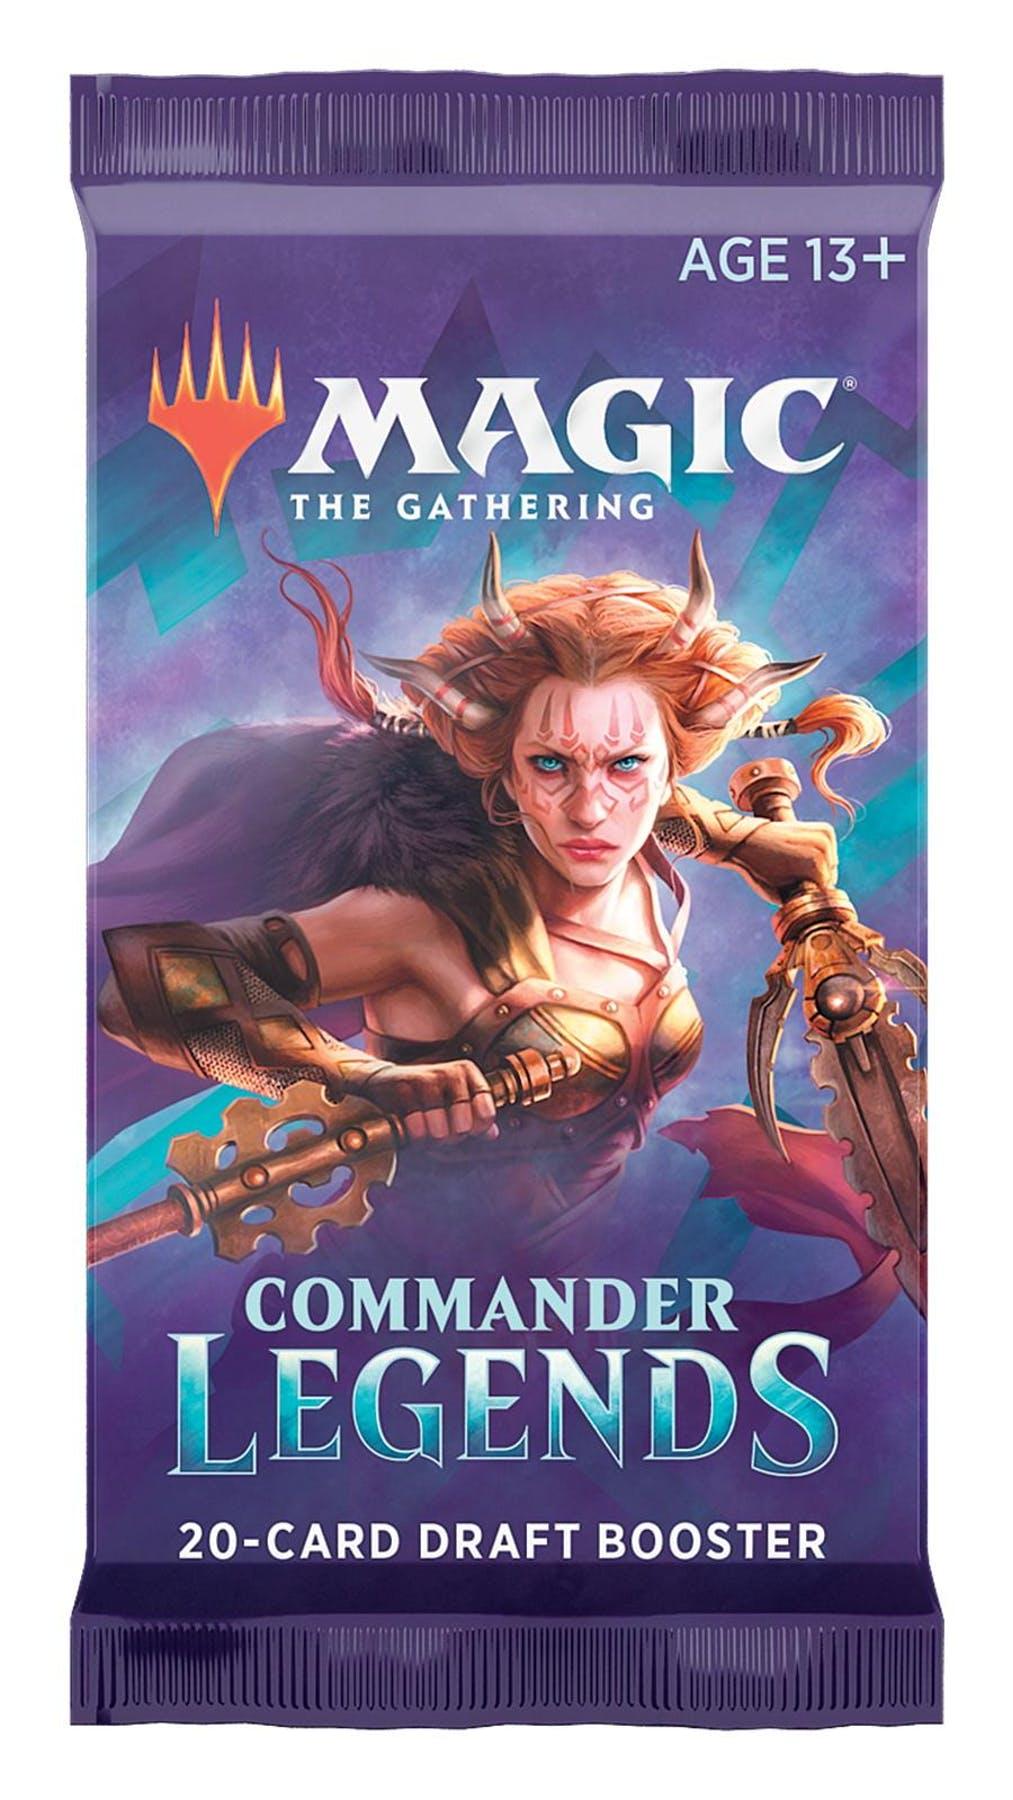 Commander Legends - Draft Booster